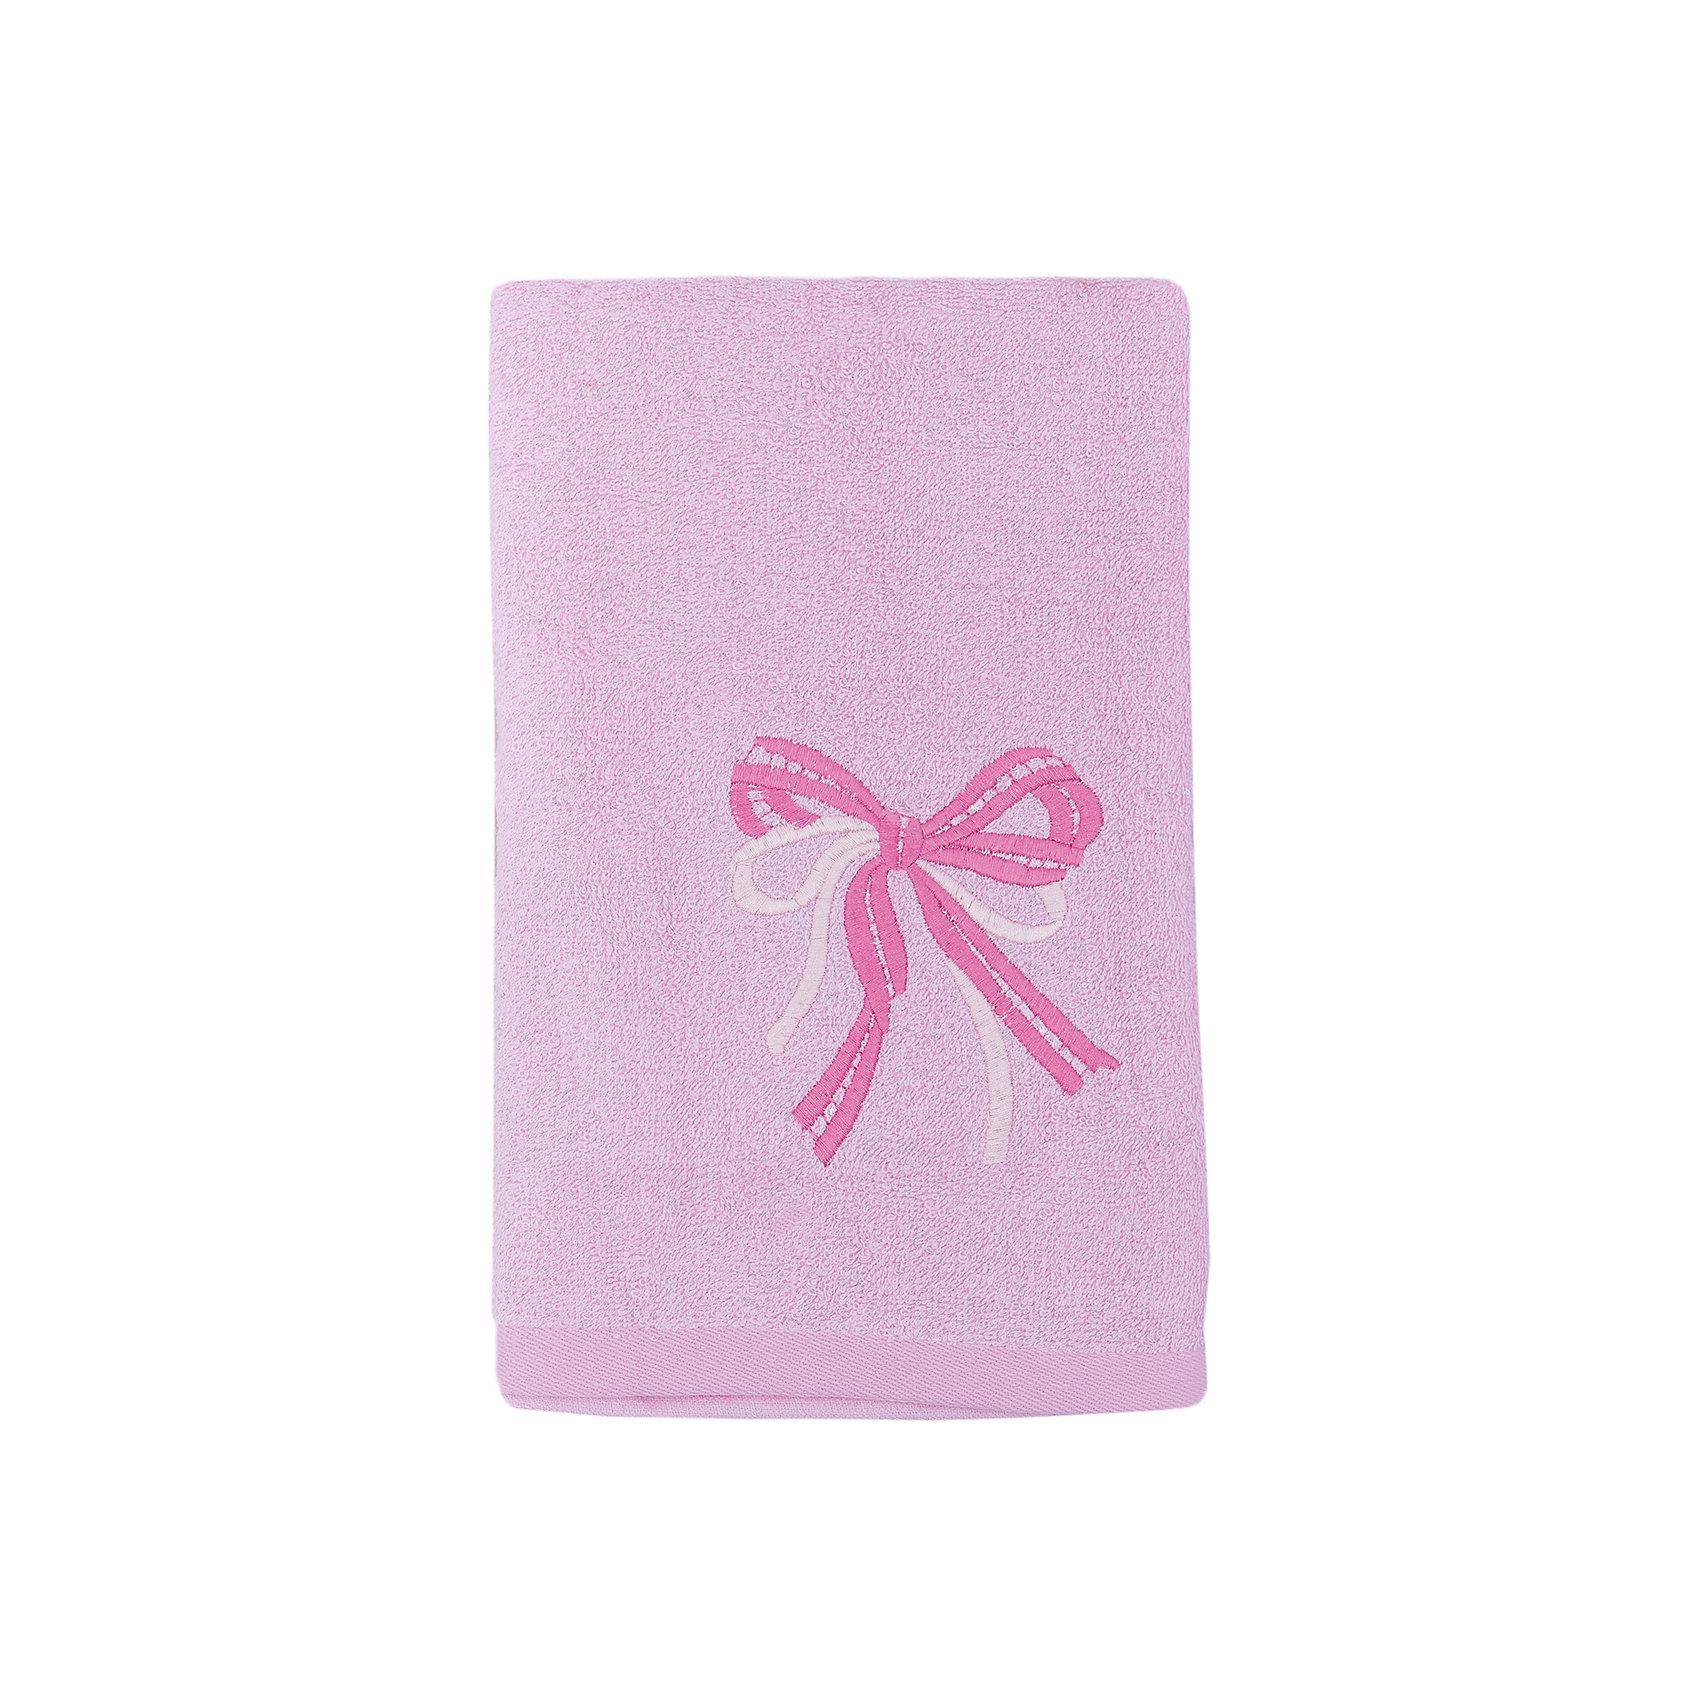 Полотенце махровое Бантик 60*130, Любимый дом, розовыйМахровое полотенце Бантик изготовлено из качественного хлопка. Отлично впитывает влагу, сохраняет цвет после стирок и дарит вашей коже комфорт после водных процедур. Полотенце украшено вышивкой в виде бантиков. <br><br>Дополнительная информация:<br>Цвет: розовый<br>Материал: 100% хлопок<br>Размер: 60х130 см<br>Торговая марка: Любимый дом<br><br>Купить махровое полотенце Бантик можно в нашем интернет-магазине.<br><br>Ширина мм: 500<br>Глубина мм: 500<br>Высота мм: 200<br>Вес г: 300<br>Возраст от месяцев: 0<br>Возраст до месяцев: 144<br>Пол: Унисекс<br>Возраст: Детский<br>SKU: 5010967